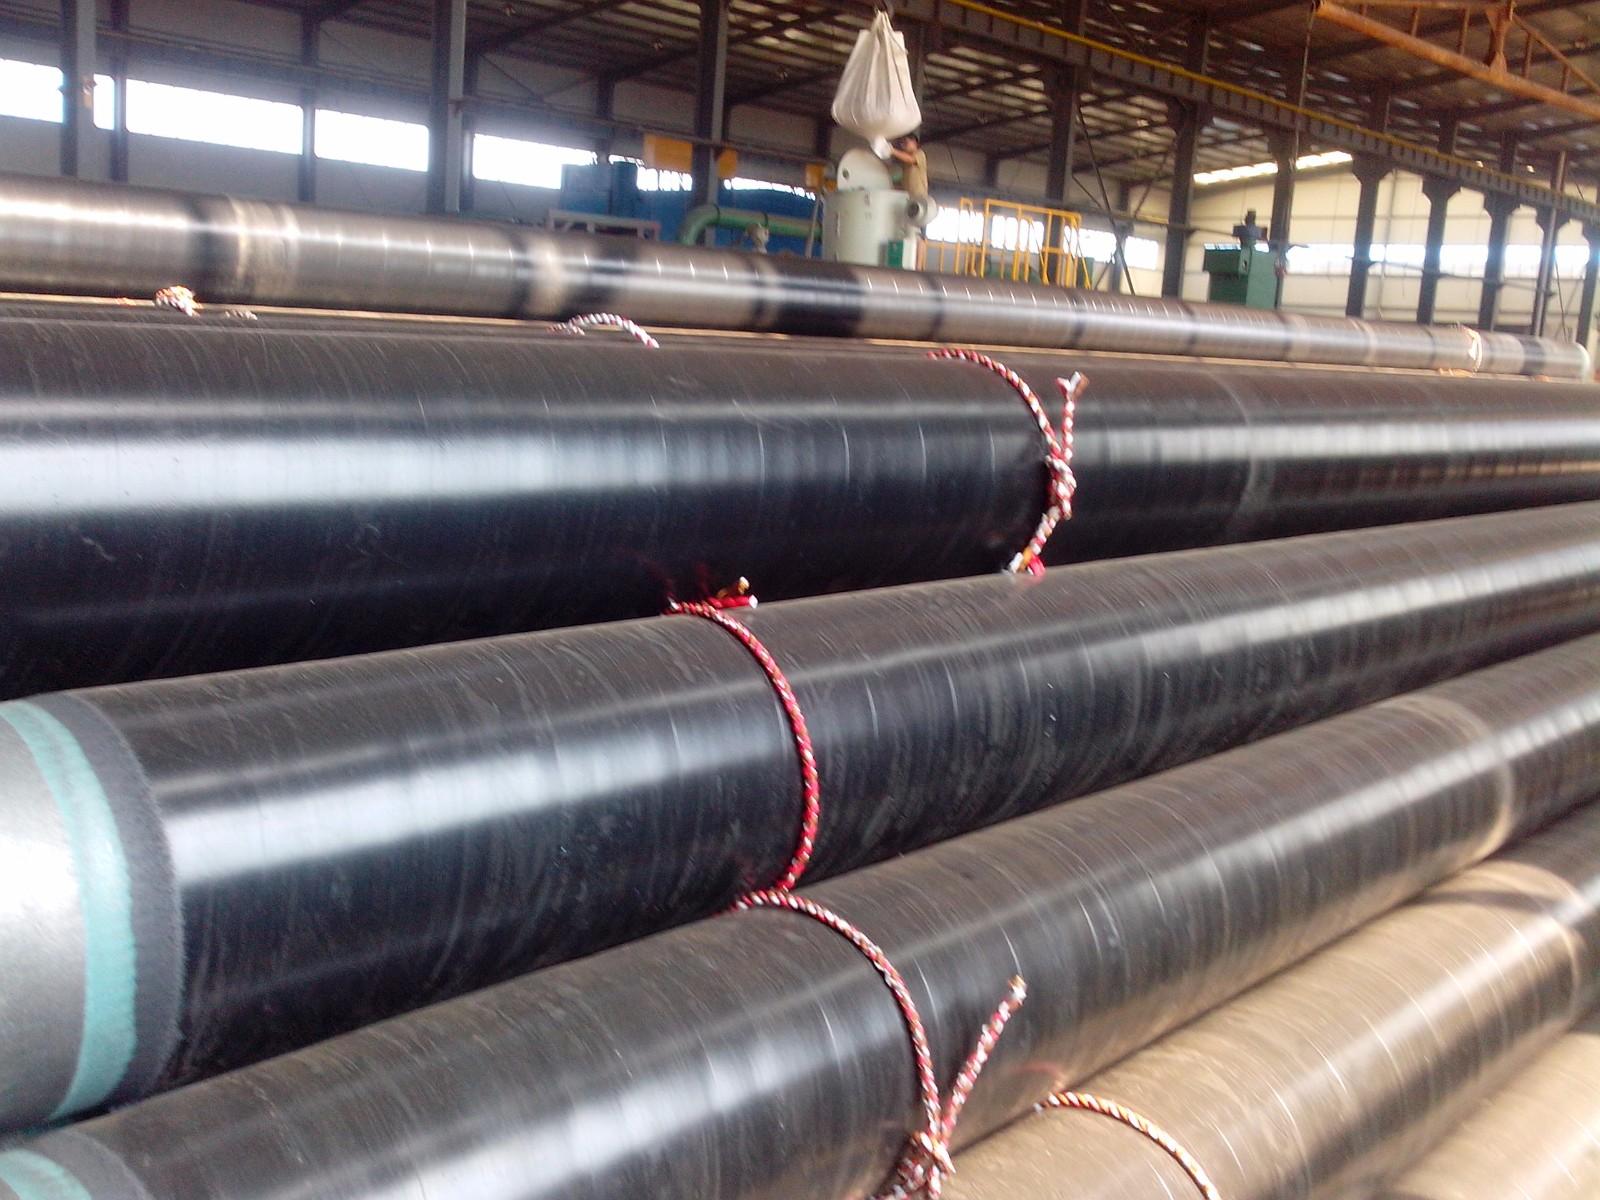 燃氣管道3PE防腐|3PE防腐鋼管-滄州市鑫宜達鋼管集團股份有限公司.